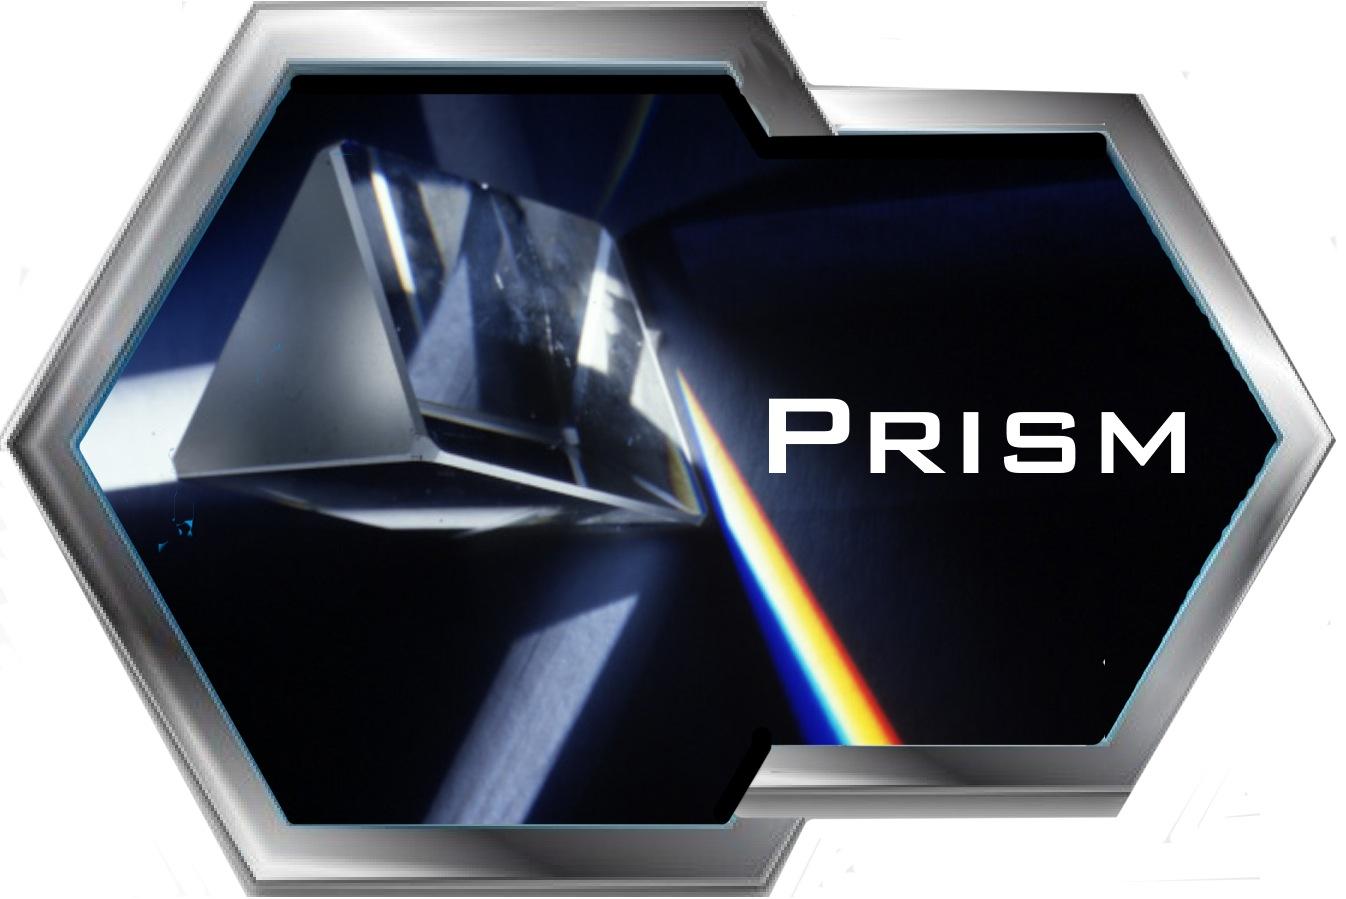 Apple schützt die Privatsphäre der Benutzer. Auch vor PRISM.